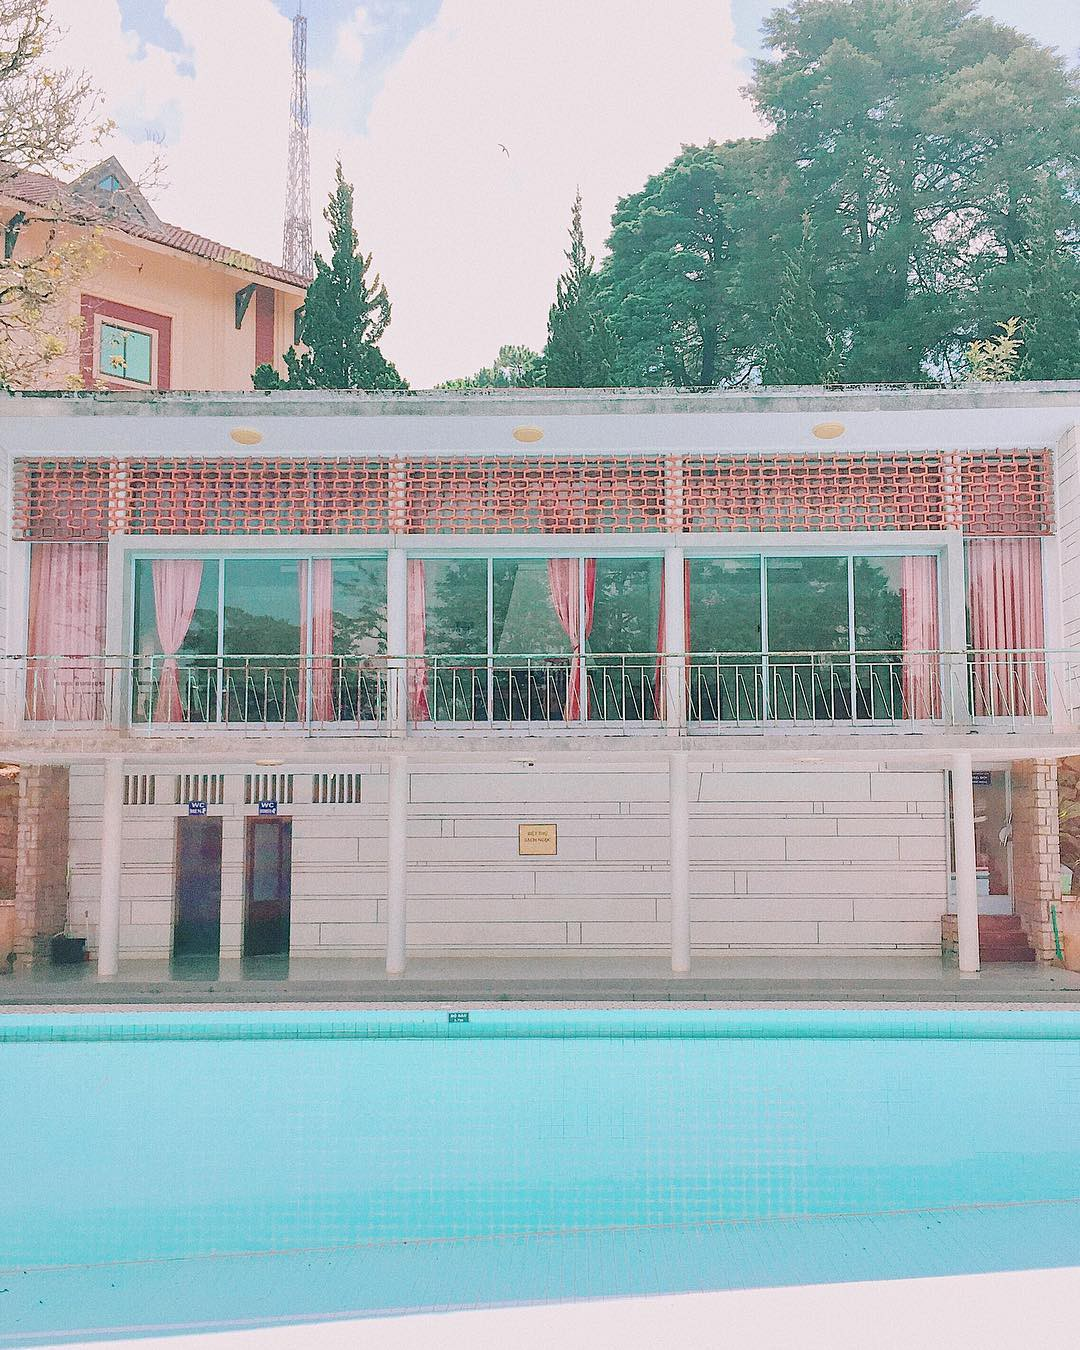 Đến lạy hội ghiền Đà Lạt vì lại tìm ra góc sống ảo mới, lần này chính là… một cái hồ bơi cạn sạch nước? - Ảnh 15.